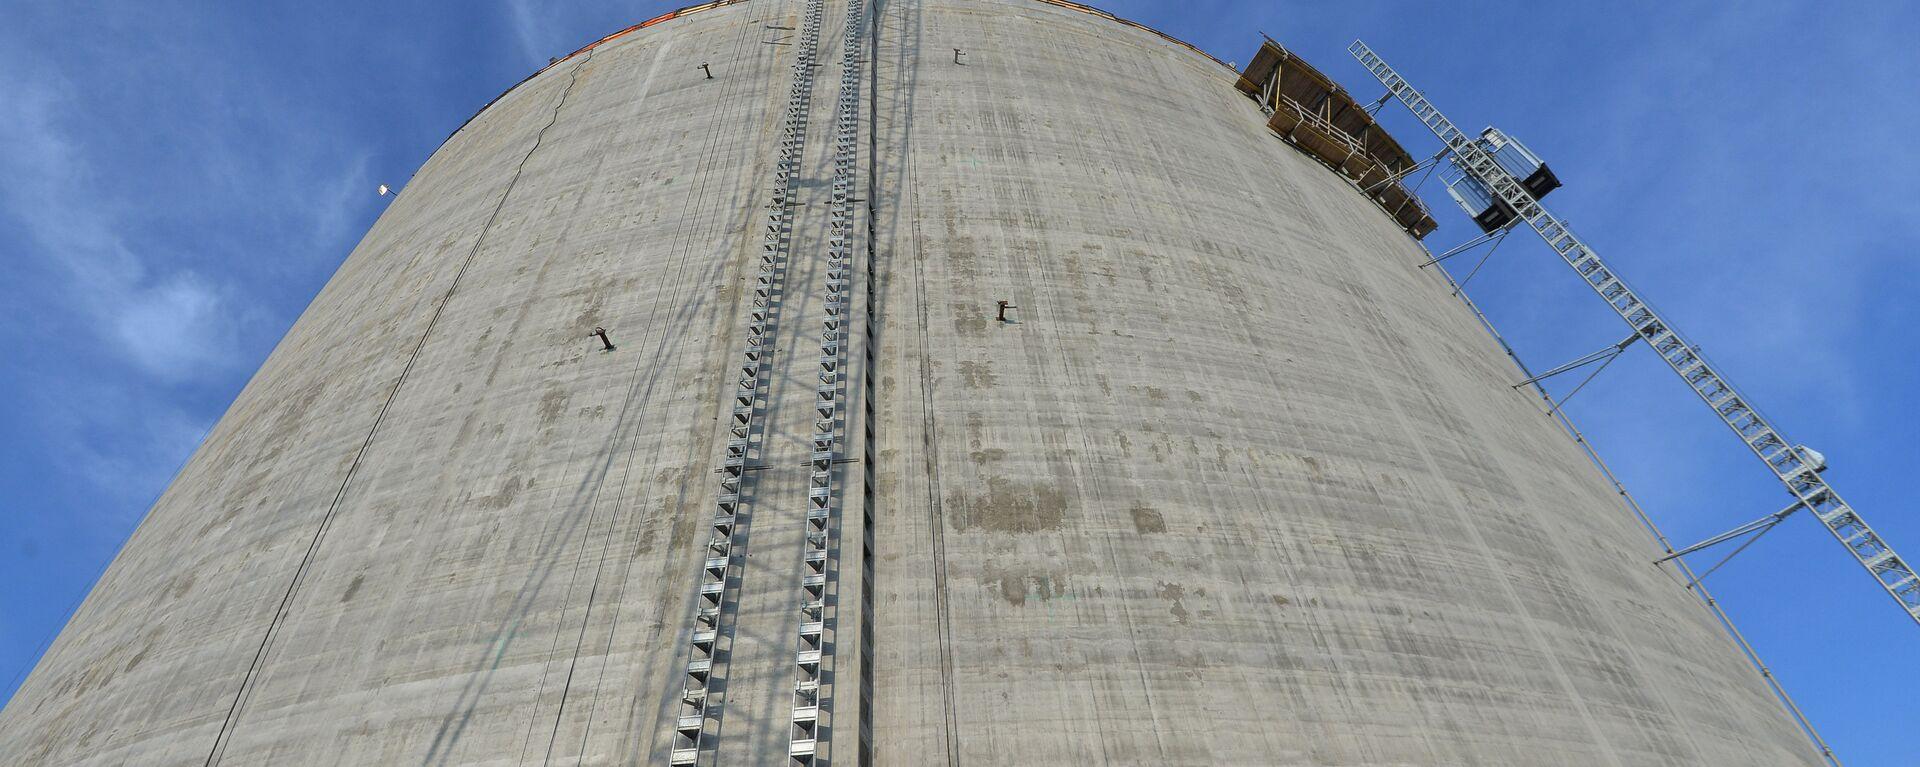 Резервуар для хранения стабильного газового конденсата на заводе СПГ - Sputnik Latvija, 1920, 19.05.2021